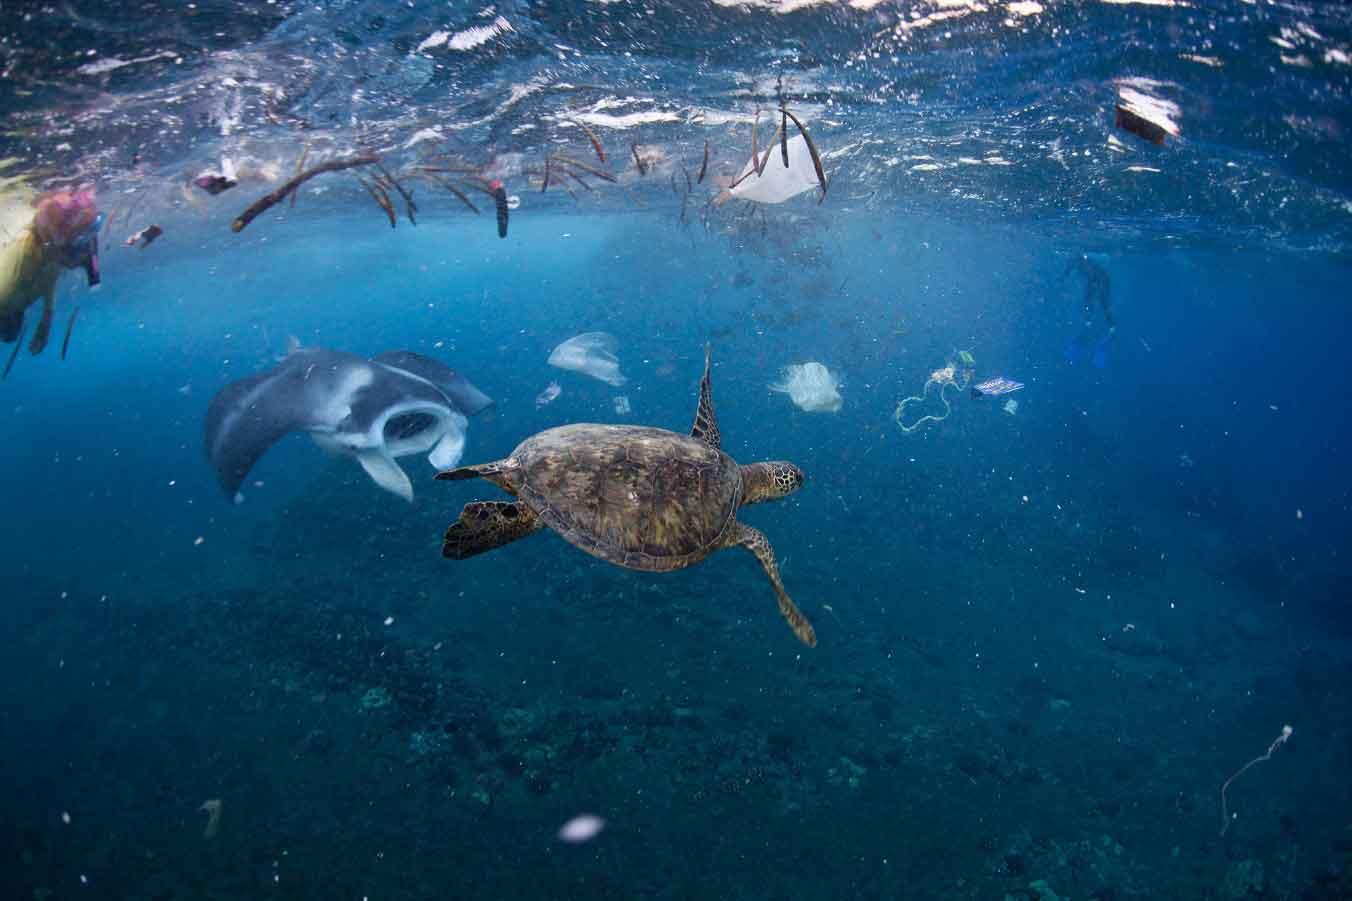 океан загрязняют пластиком